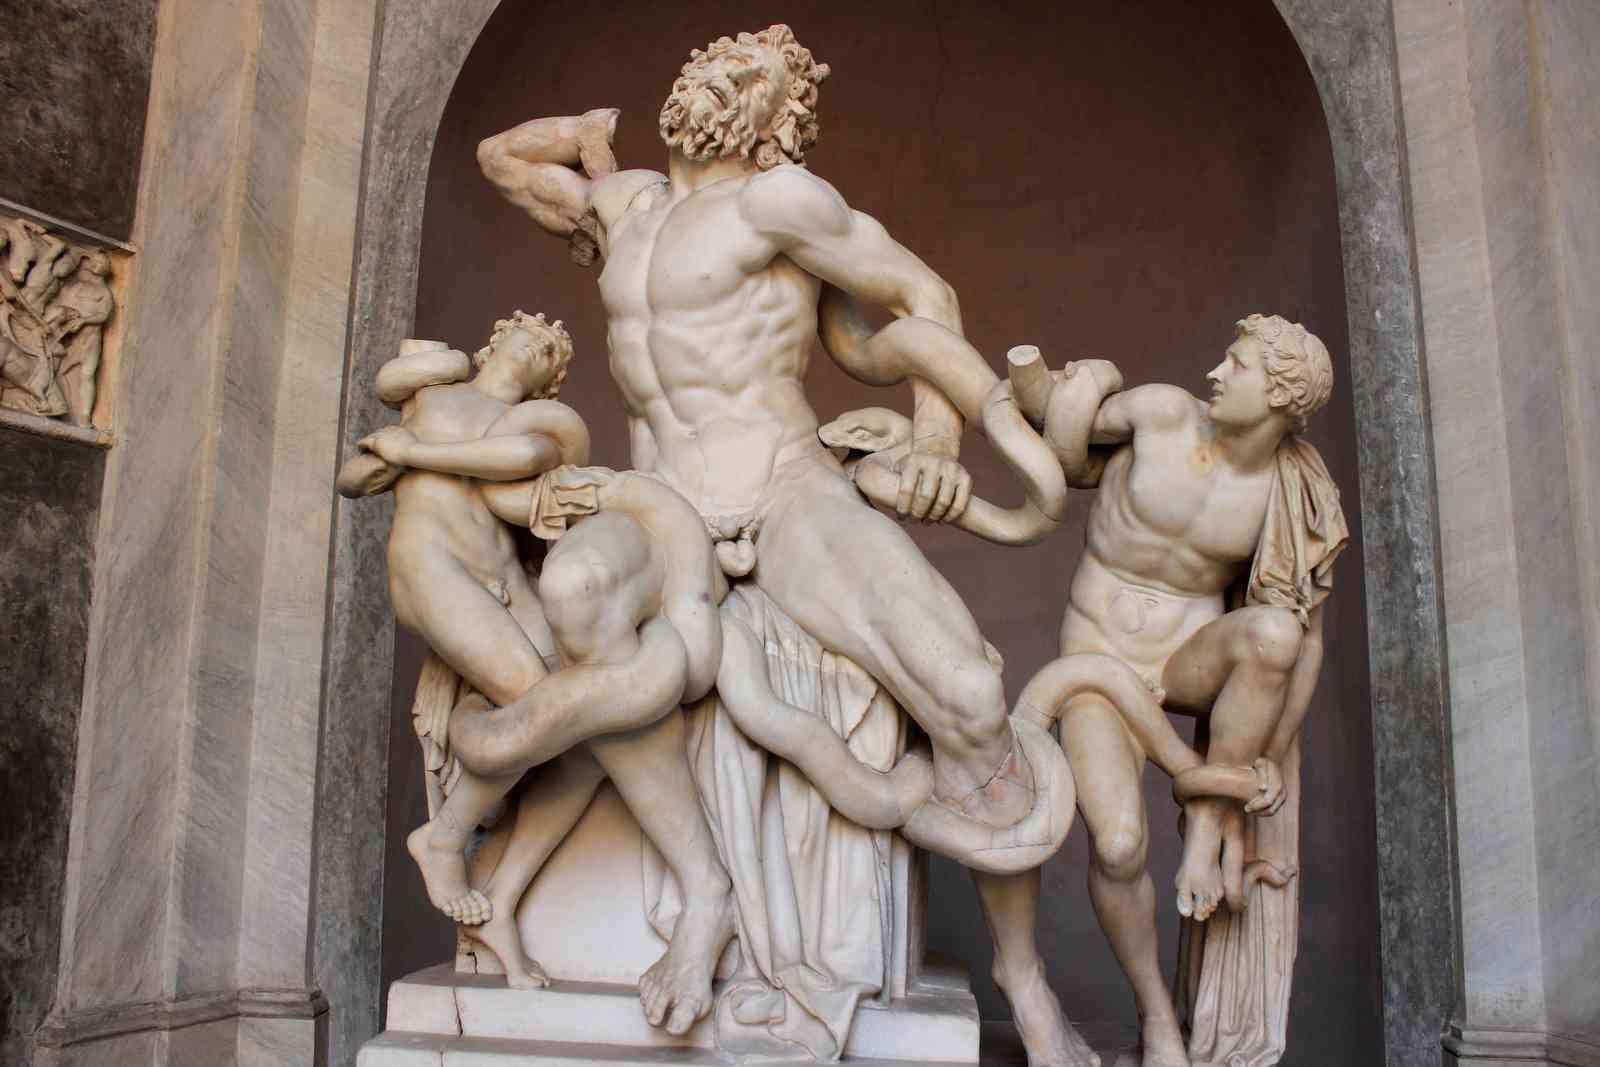 Laocoonte e seus filhos (Agesandro, Atenodoro, Polidoro; aprox. 40 a.C)